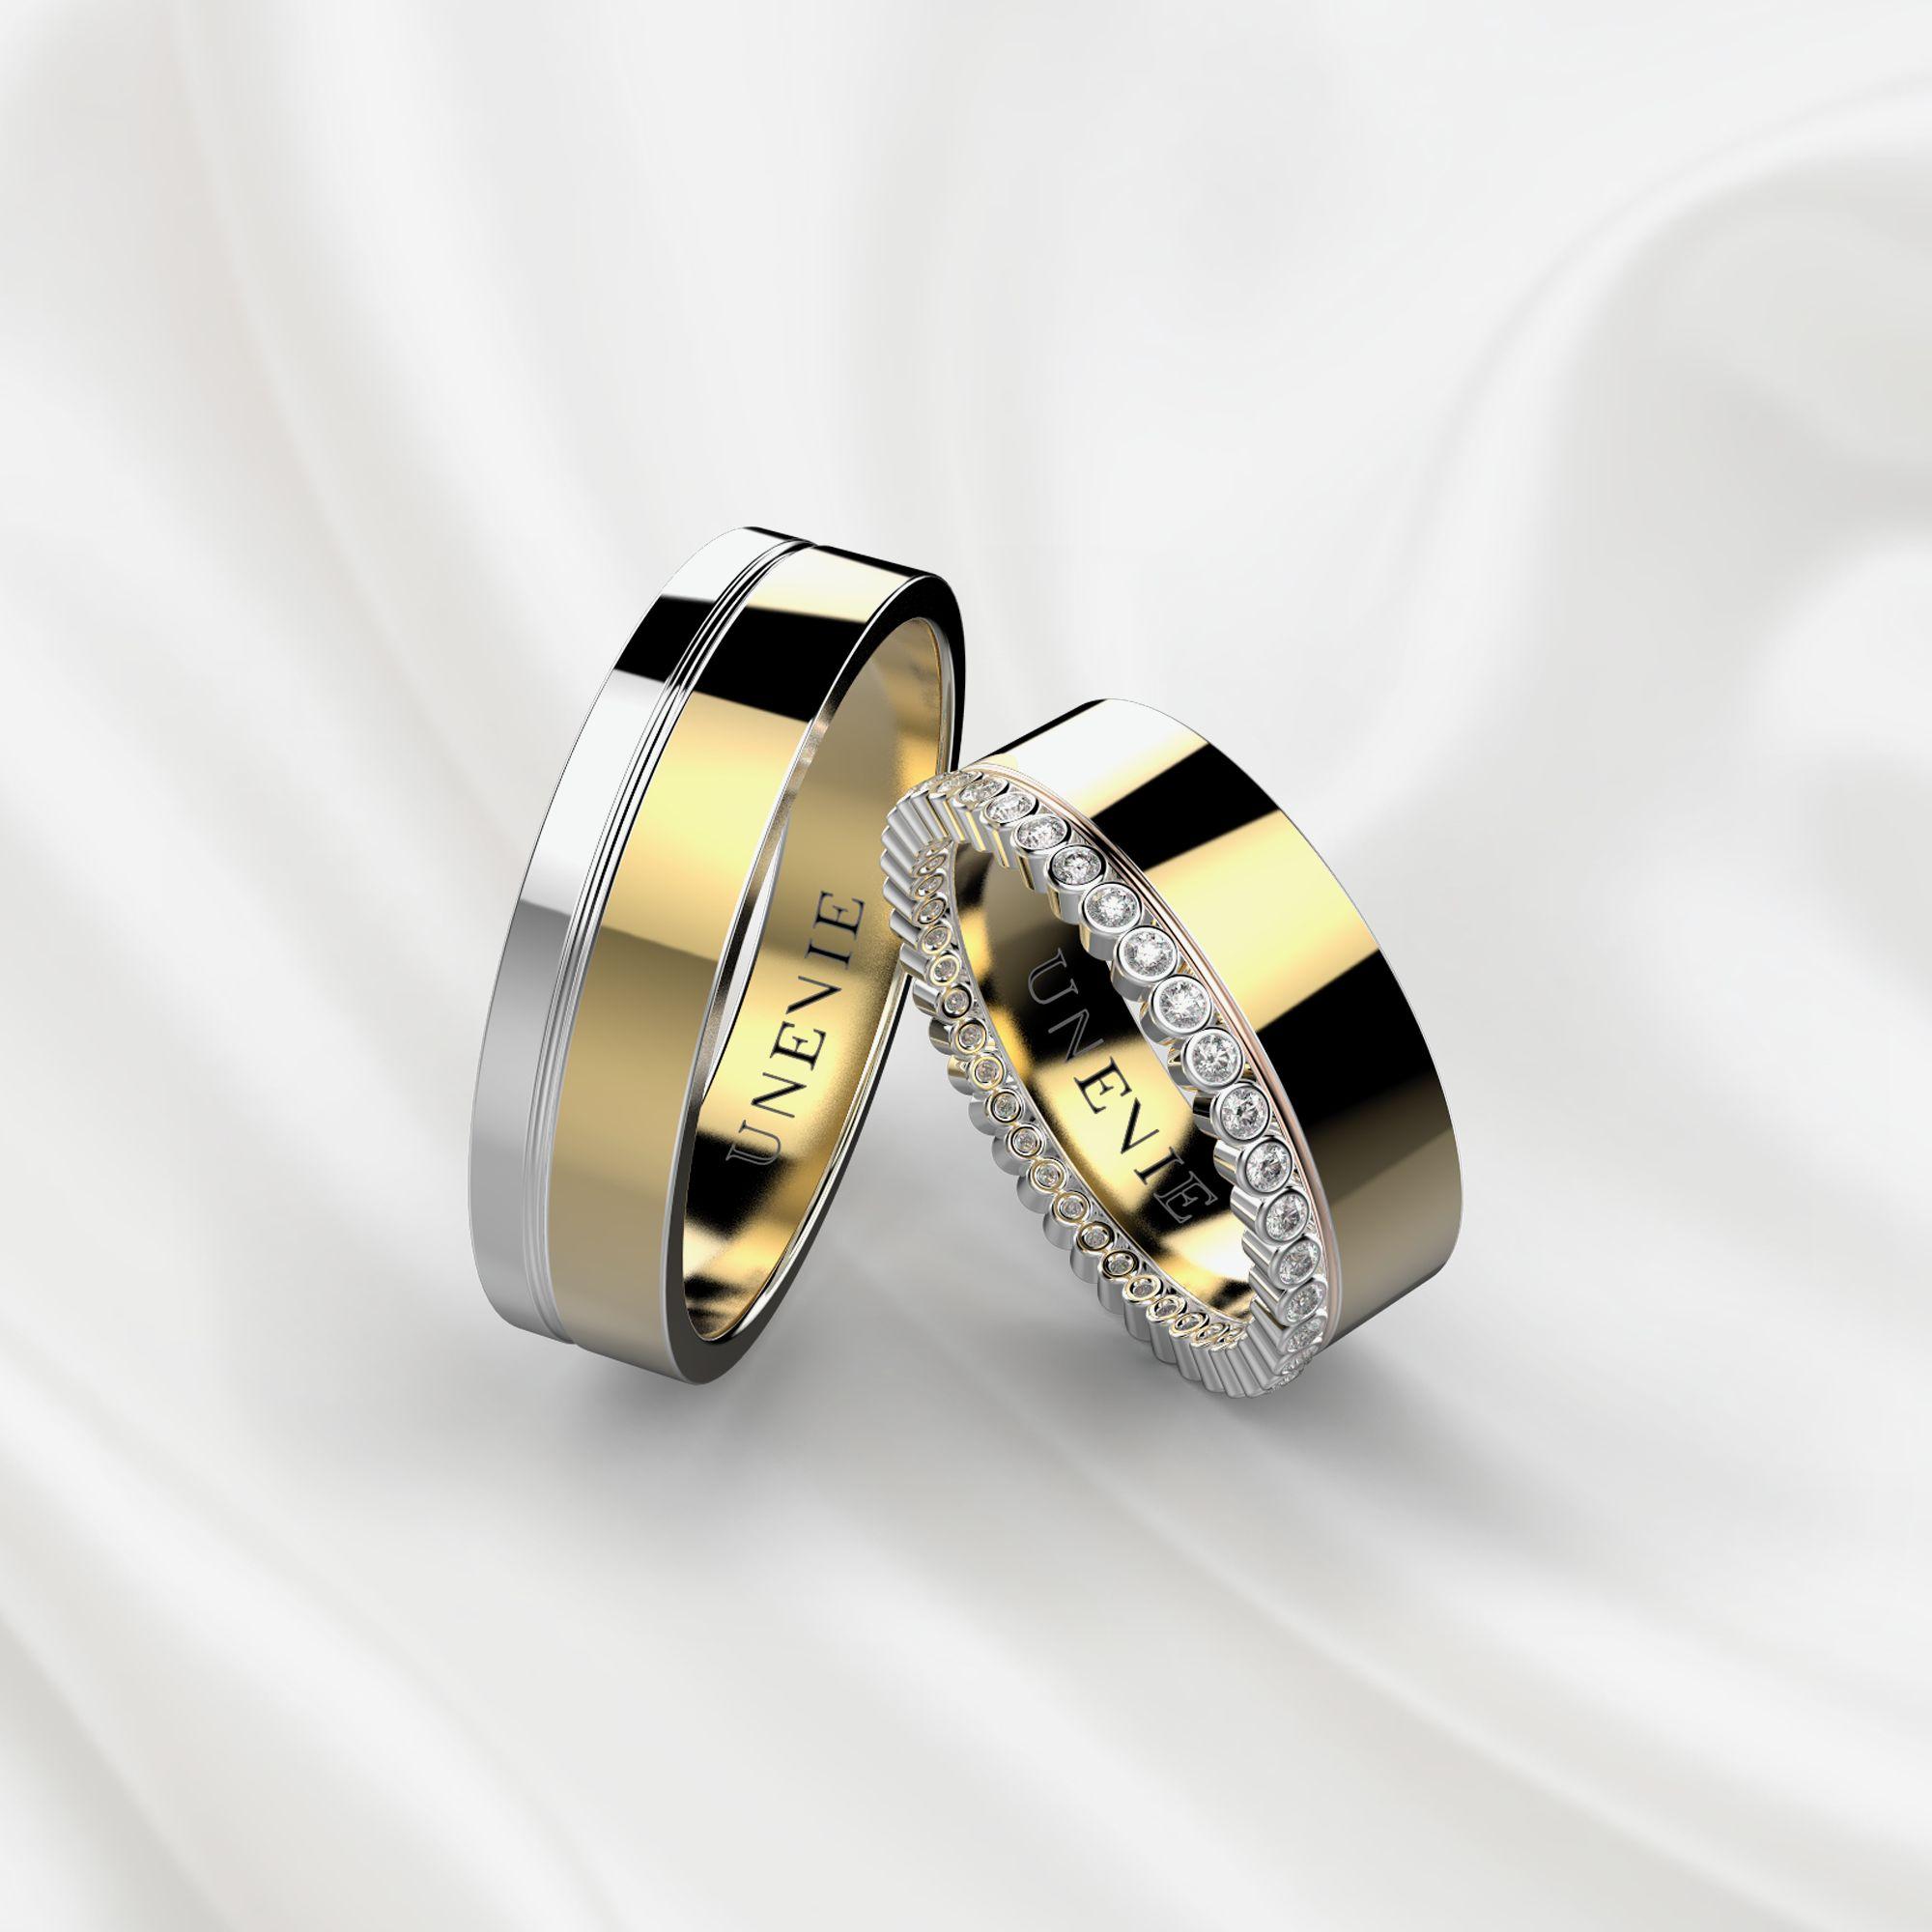 NV1 Обручальные кольца из бело-желтого золота